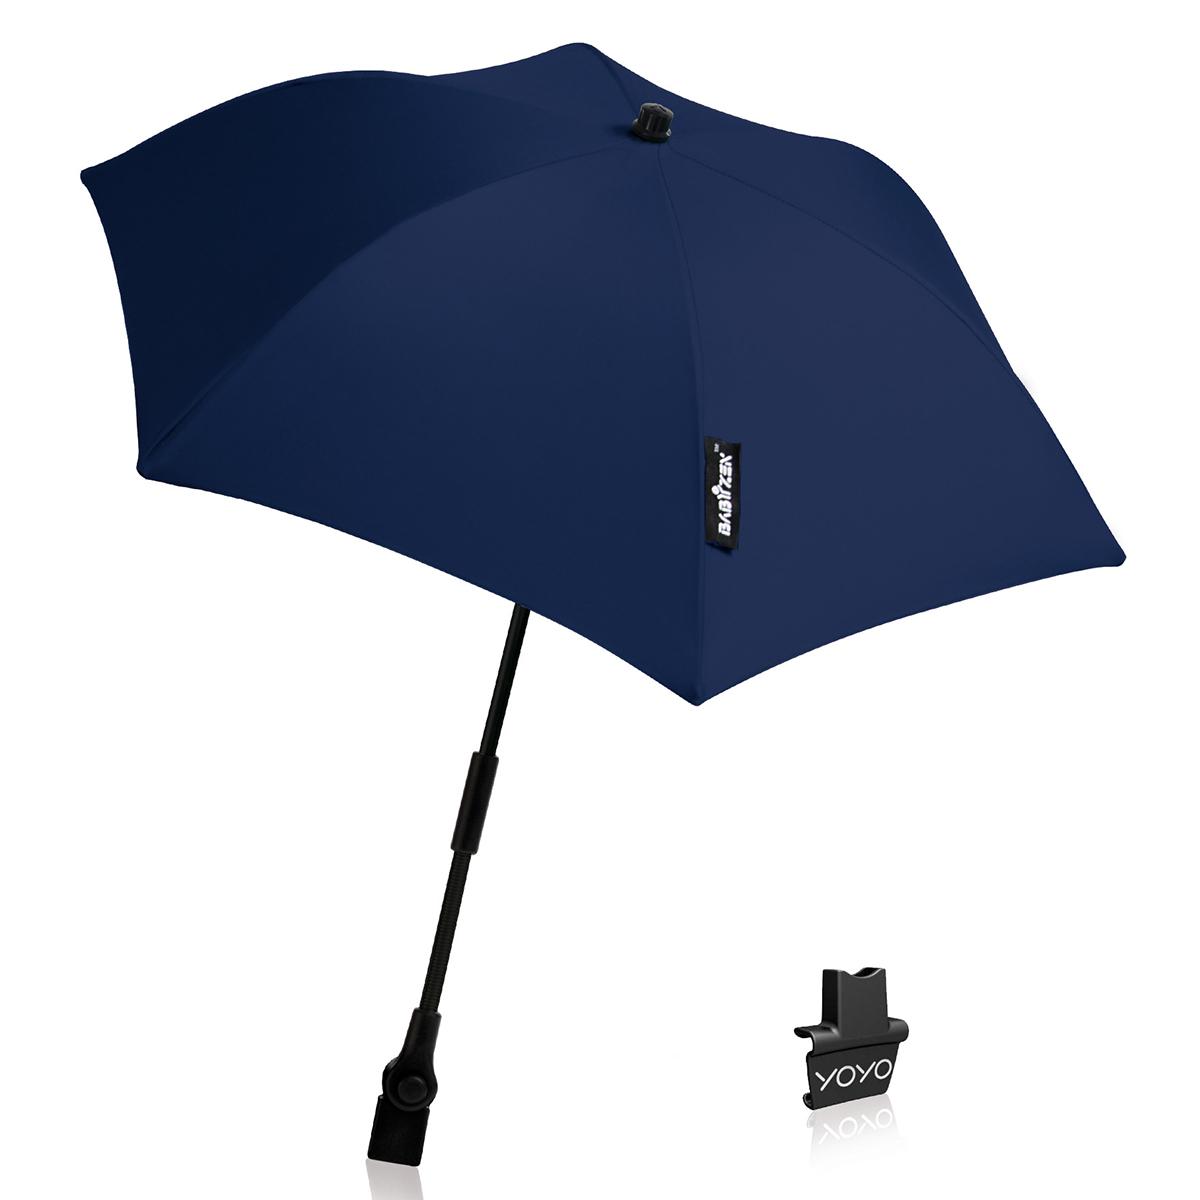 Ombrelle et protection Ombrelle YOYO - Bleu Marine Ombrelle YOYO - Bleu Marine